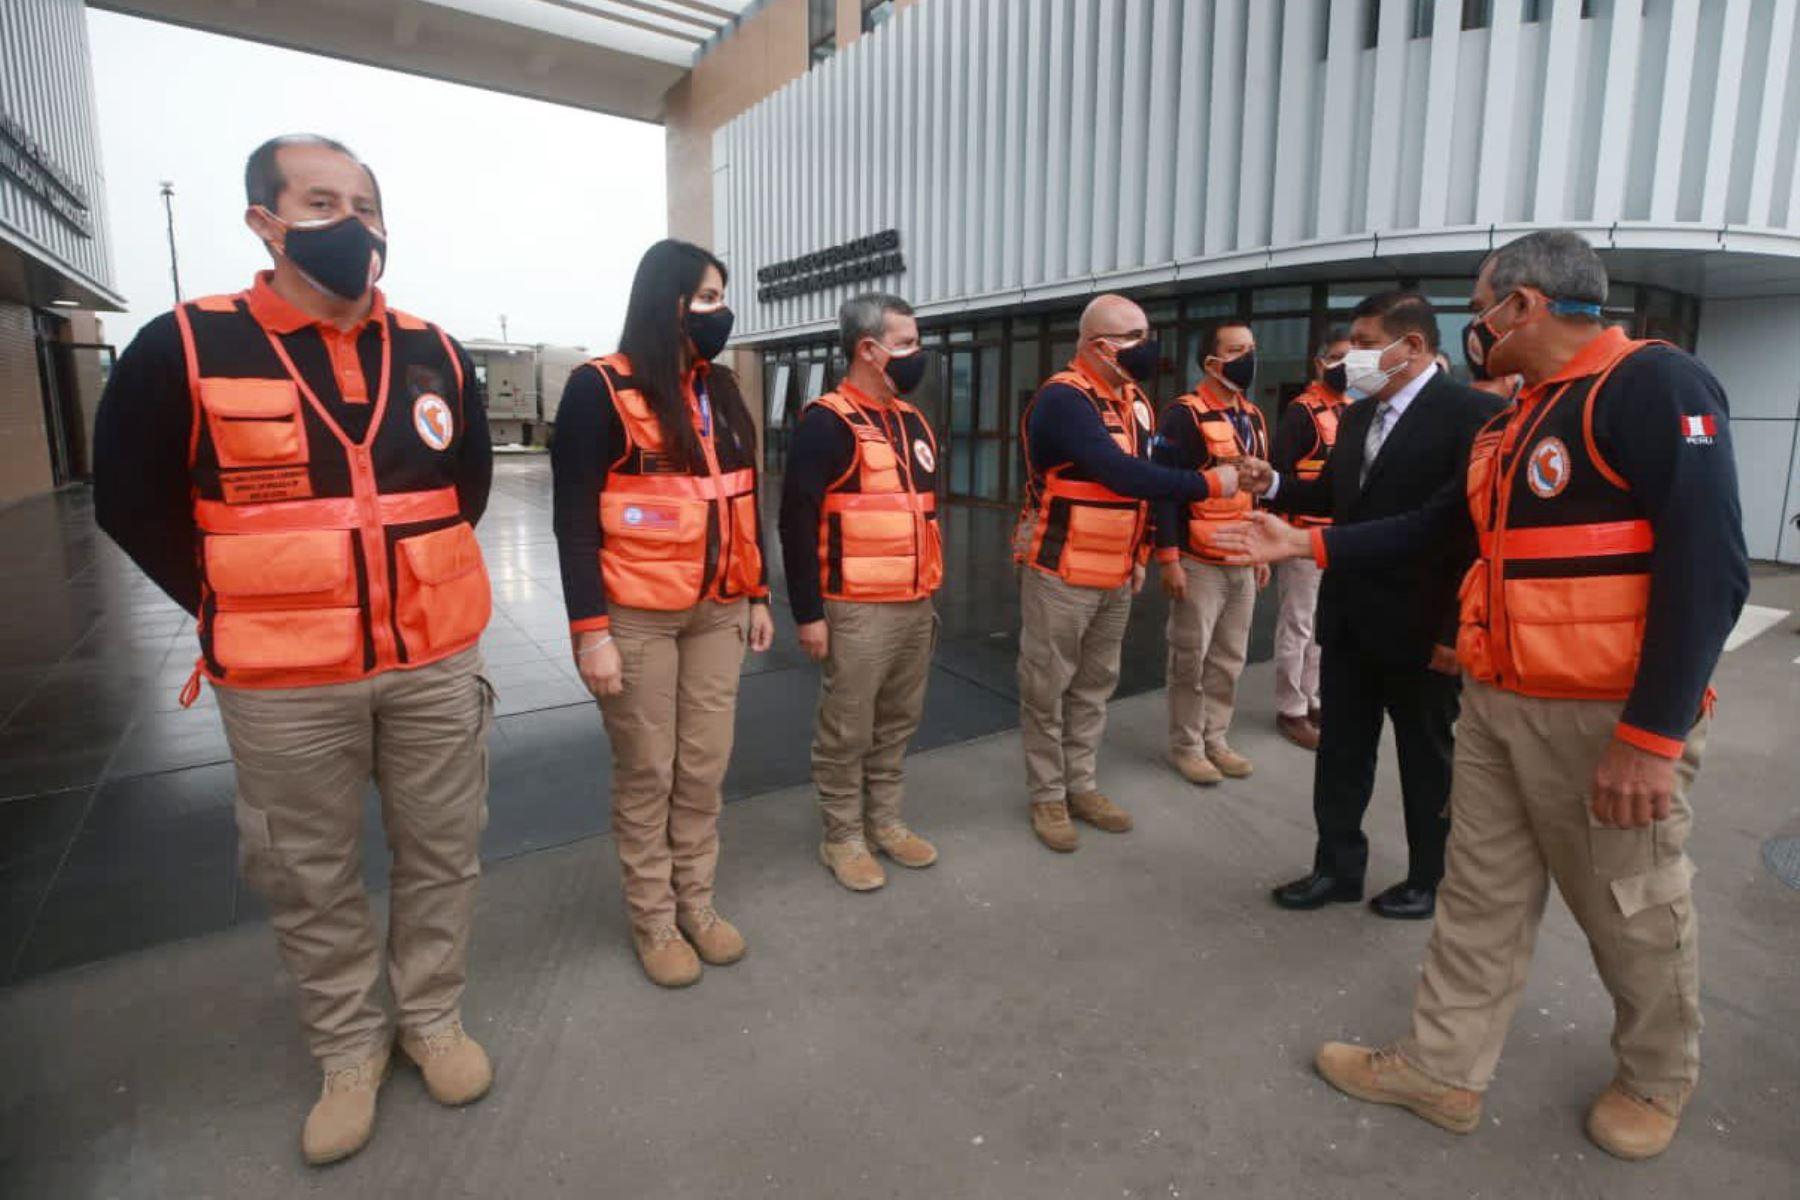 El ministro de Defensa, Walter Ayala, visita el Centro de Operaciones de Emergencia Nacional, COEN Perú.  Con el objetivo de supervisar el trabajo que se realiza en el Sector, ante emergencias, sismos y desastres naturales. Foto: Mindef